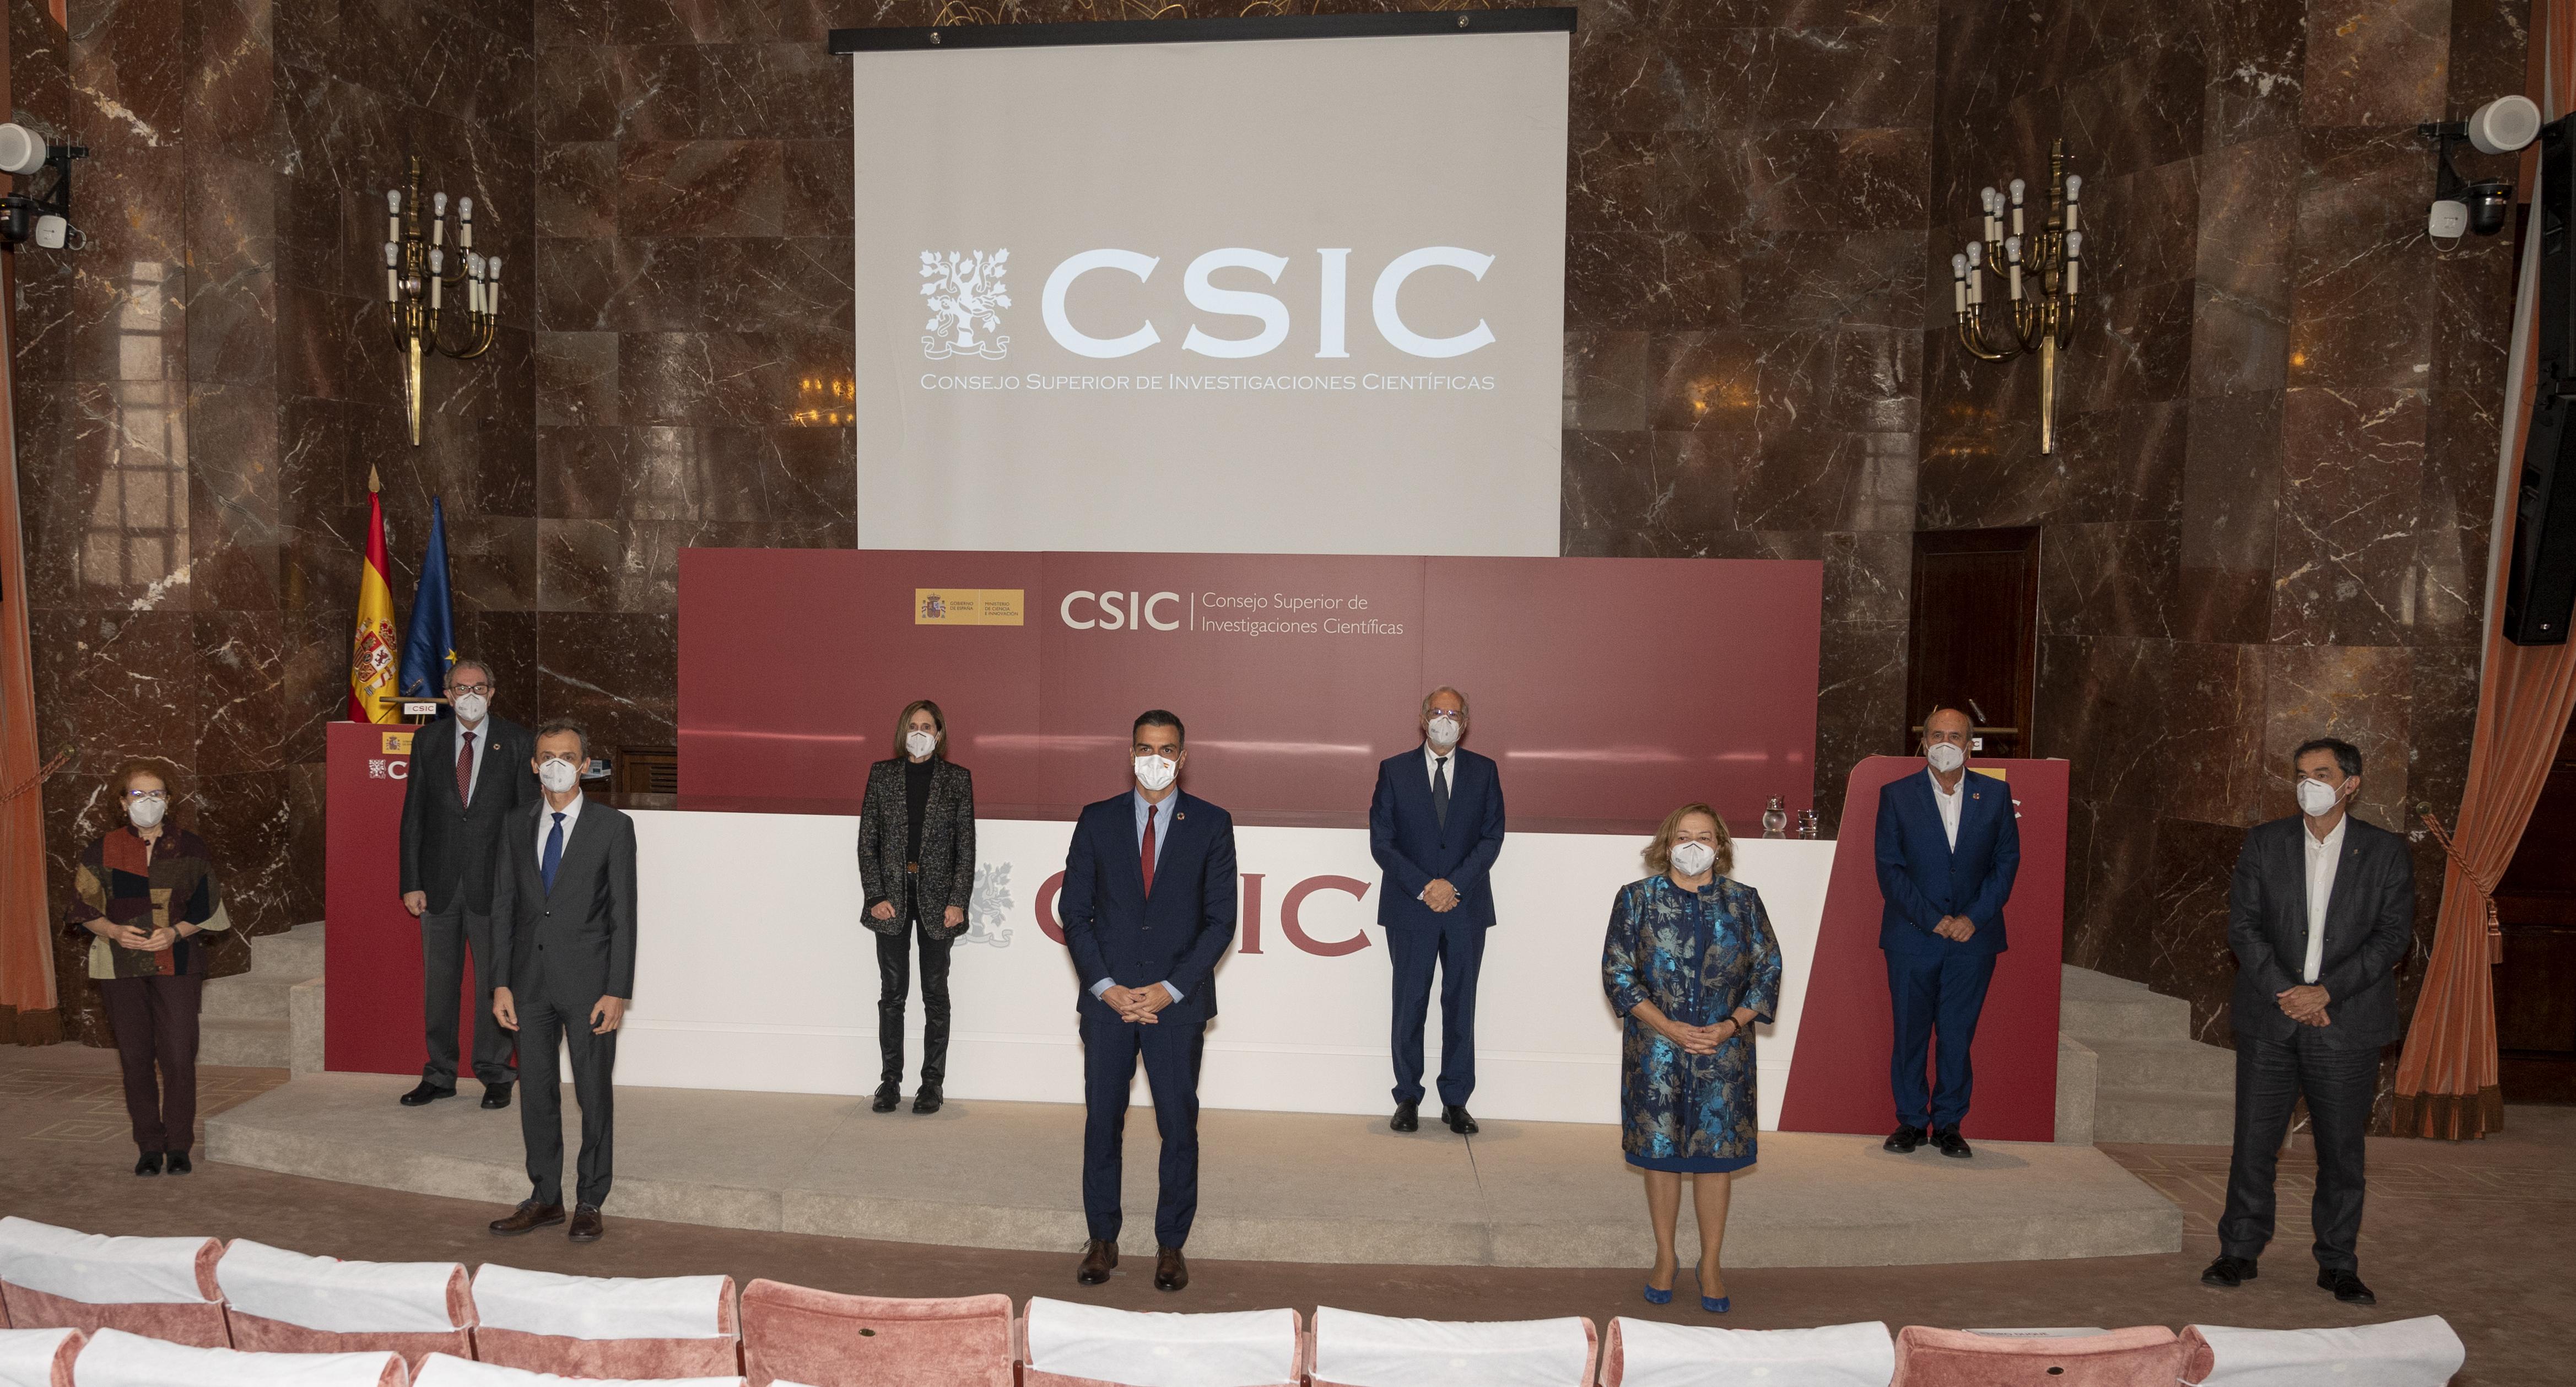 imagen de De izquierda a derecha: Margarita del Val, Vicente Larraga, Pedro Duque, Isabel Sola, Pedro Sánchez, Luis Enjuanes, Rosa Menéndez, Mariano Esteban y Jesús Marco. / Vinca Page CSIC Protocolo